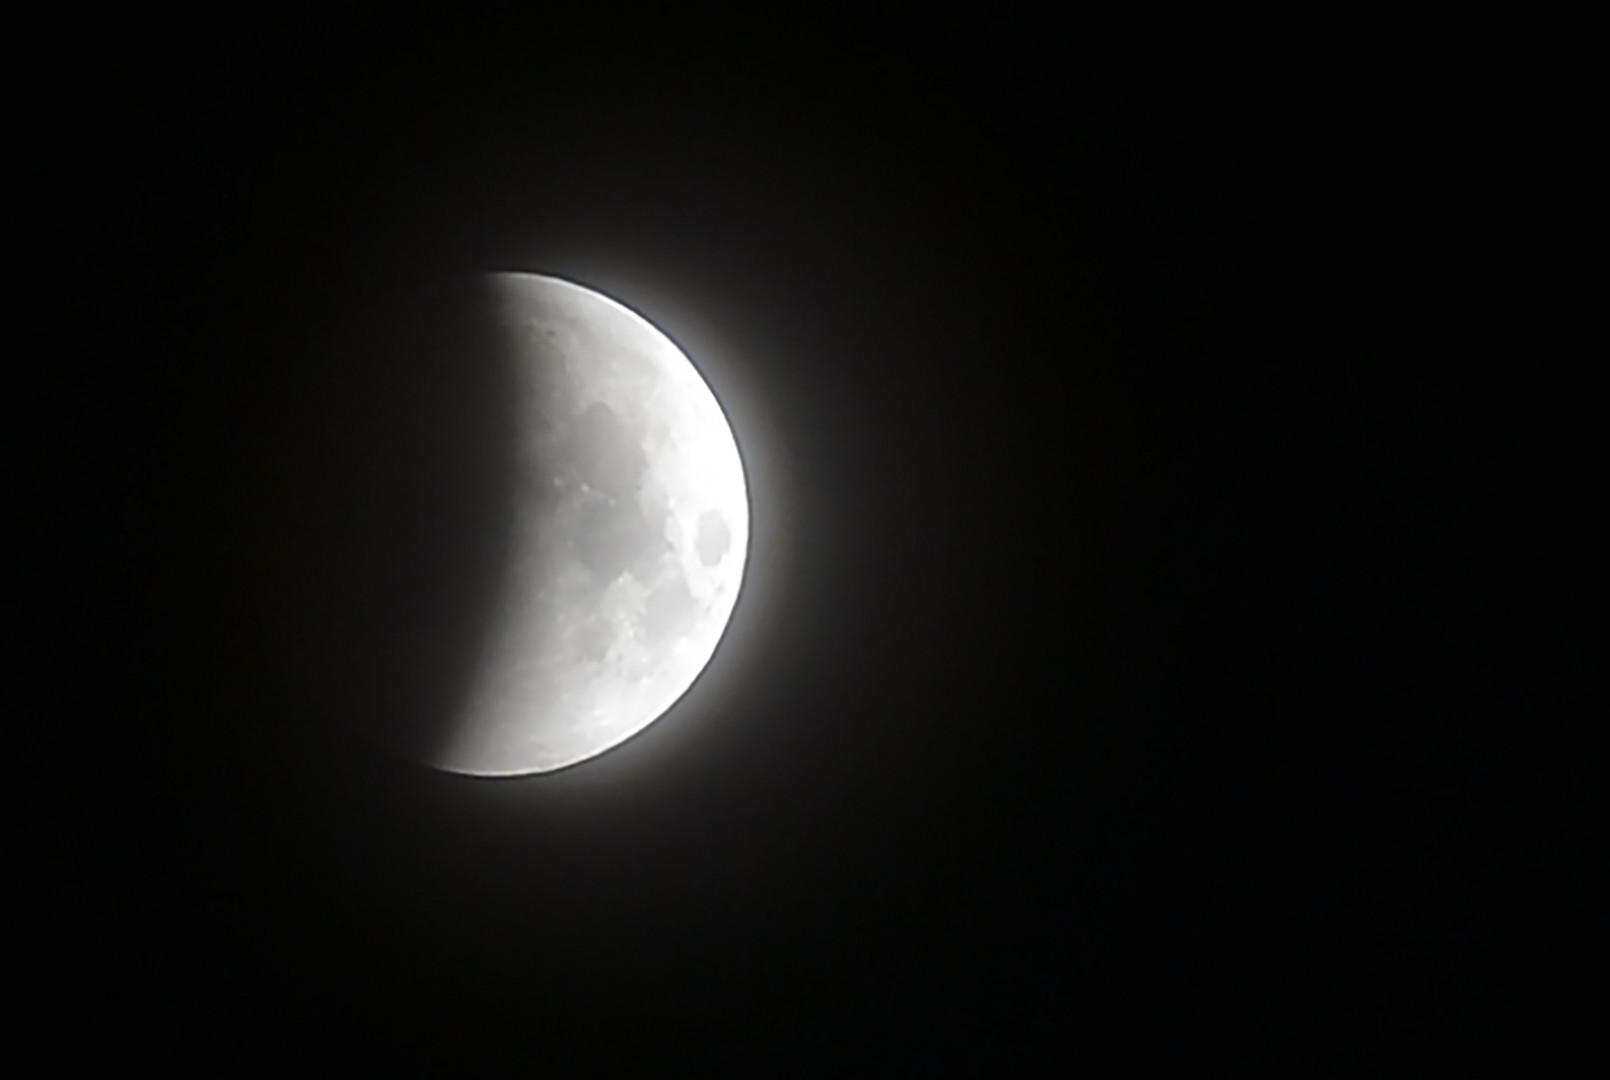 L'éclipse lunaire du 27 juillet 2018 vue du Sri Lanka